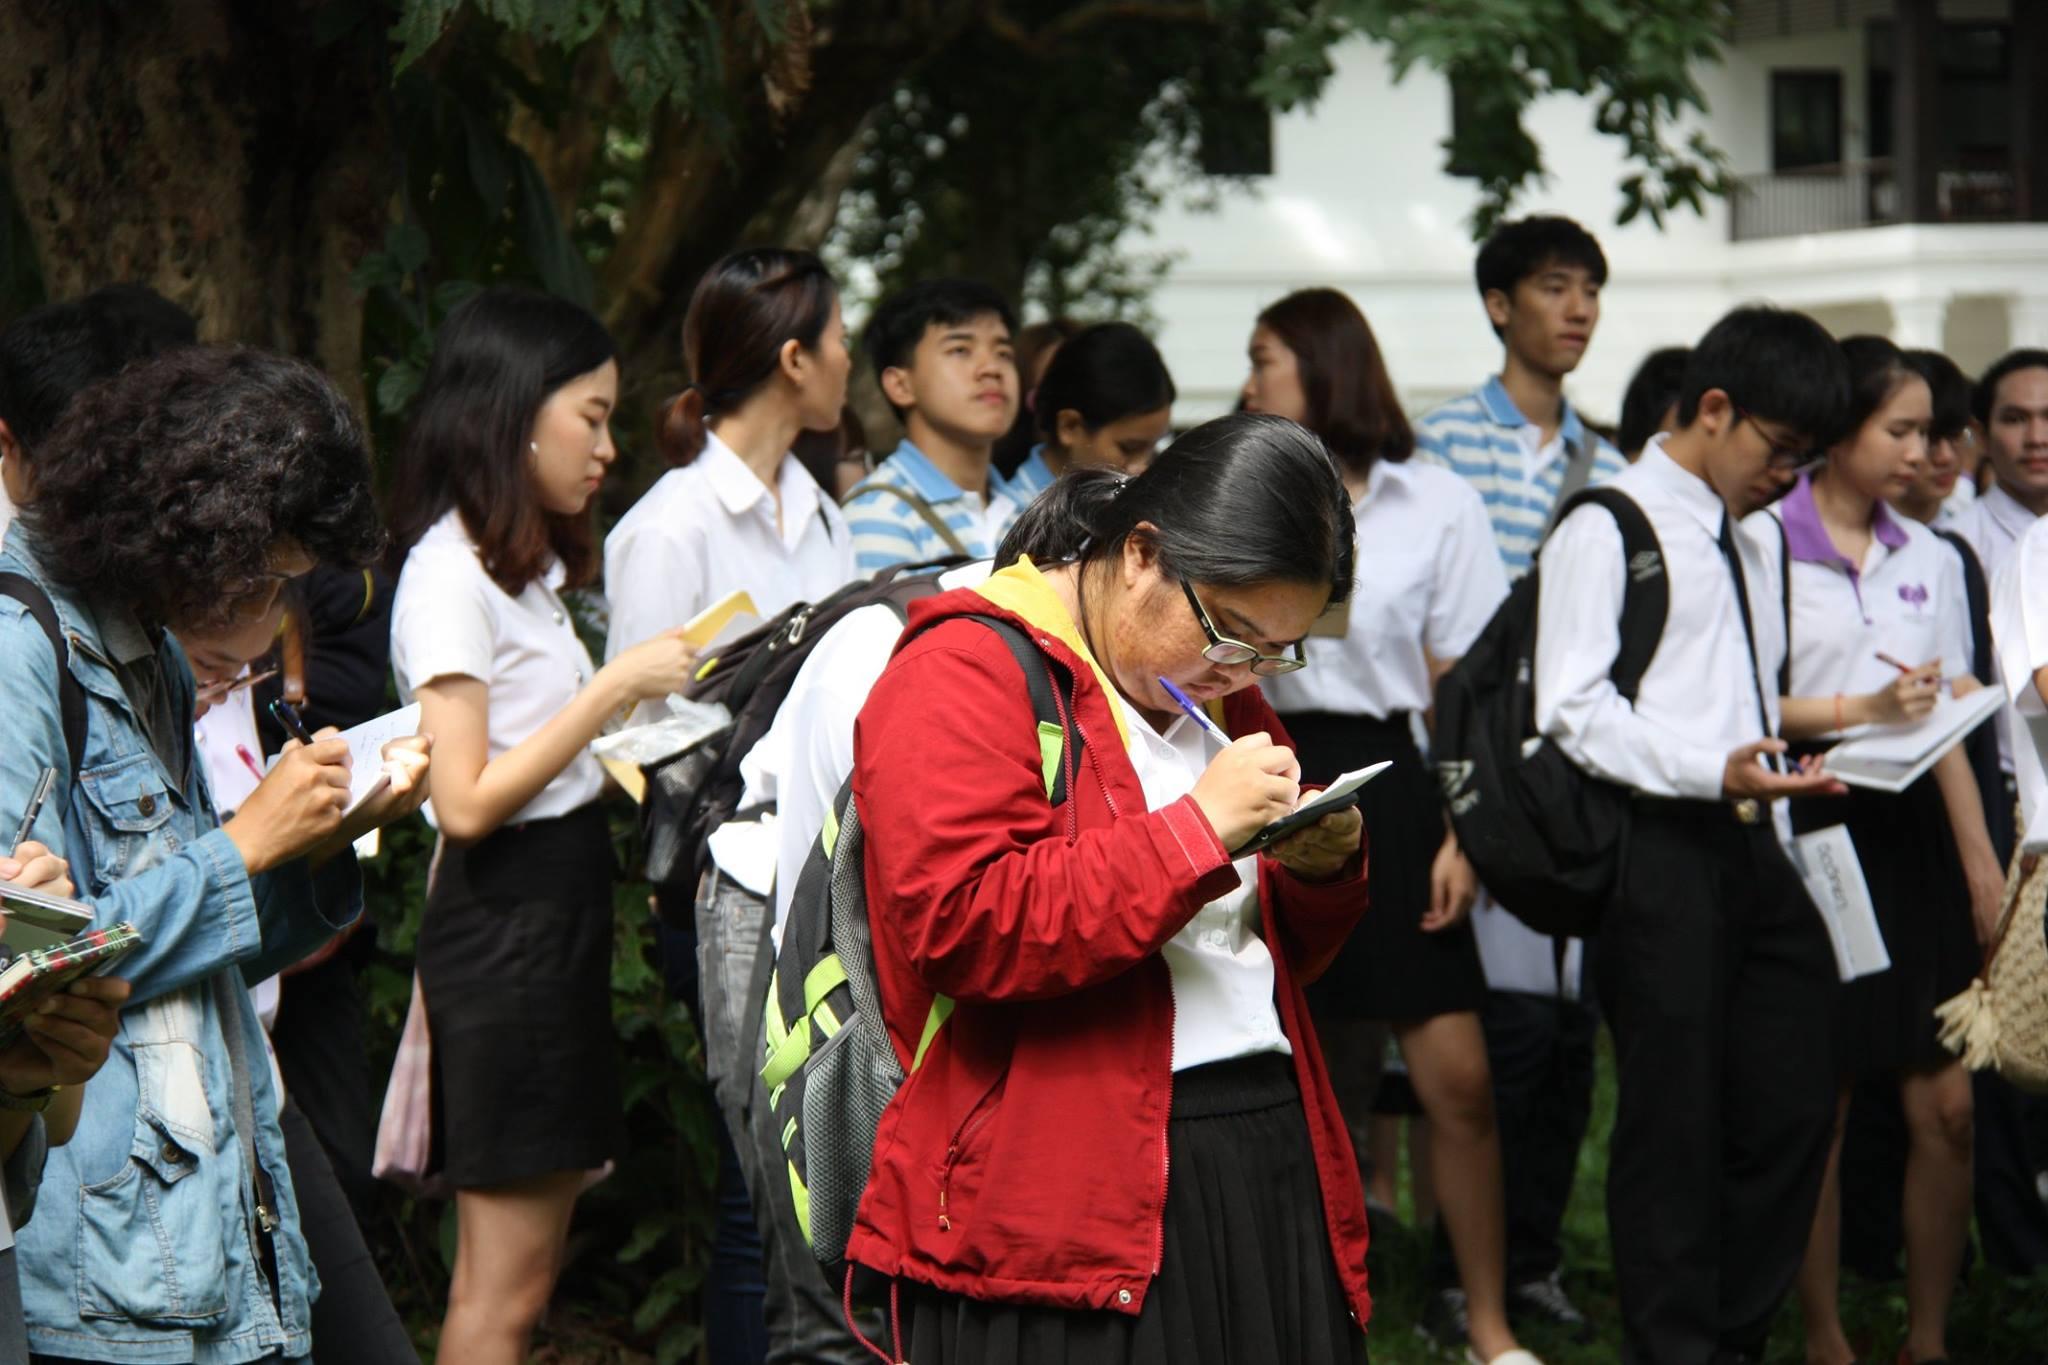 ให้การต้อนรับ อ.ดร.แผ่นดิน อุนจะนำ และคณะนักศึกษาจากคณะสถาปัตยกรรมศาสตร์ มหาวิทยาลัยเชียงใหม่ เมื่อวันที่ 19 มิถุนายน 2560